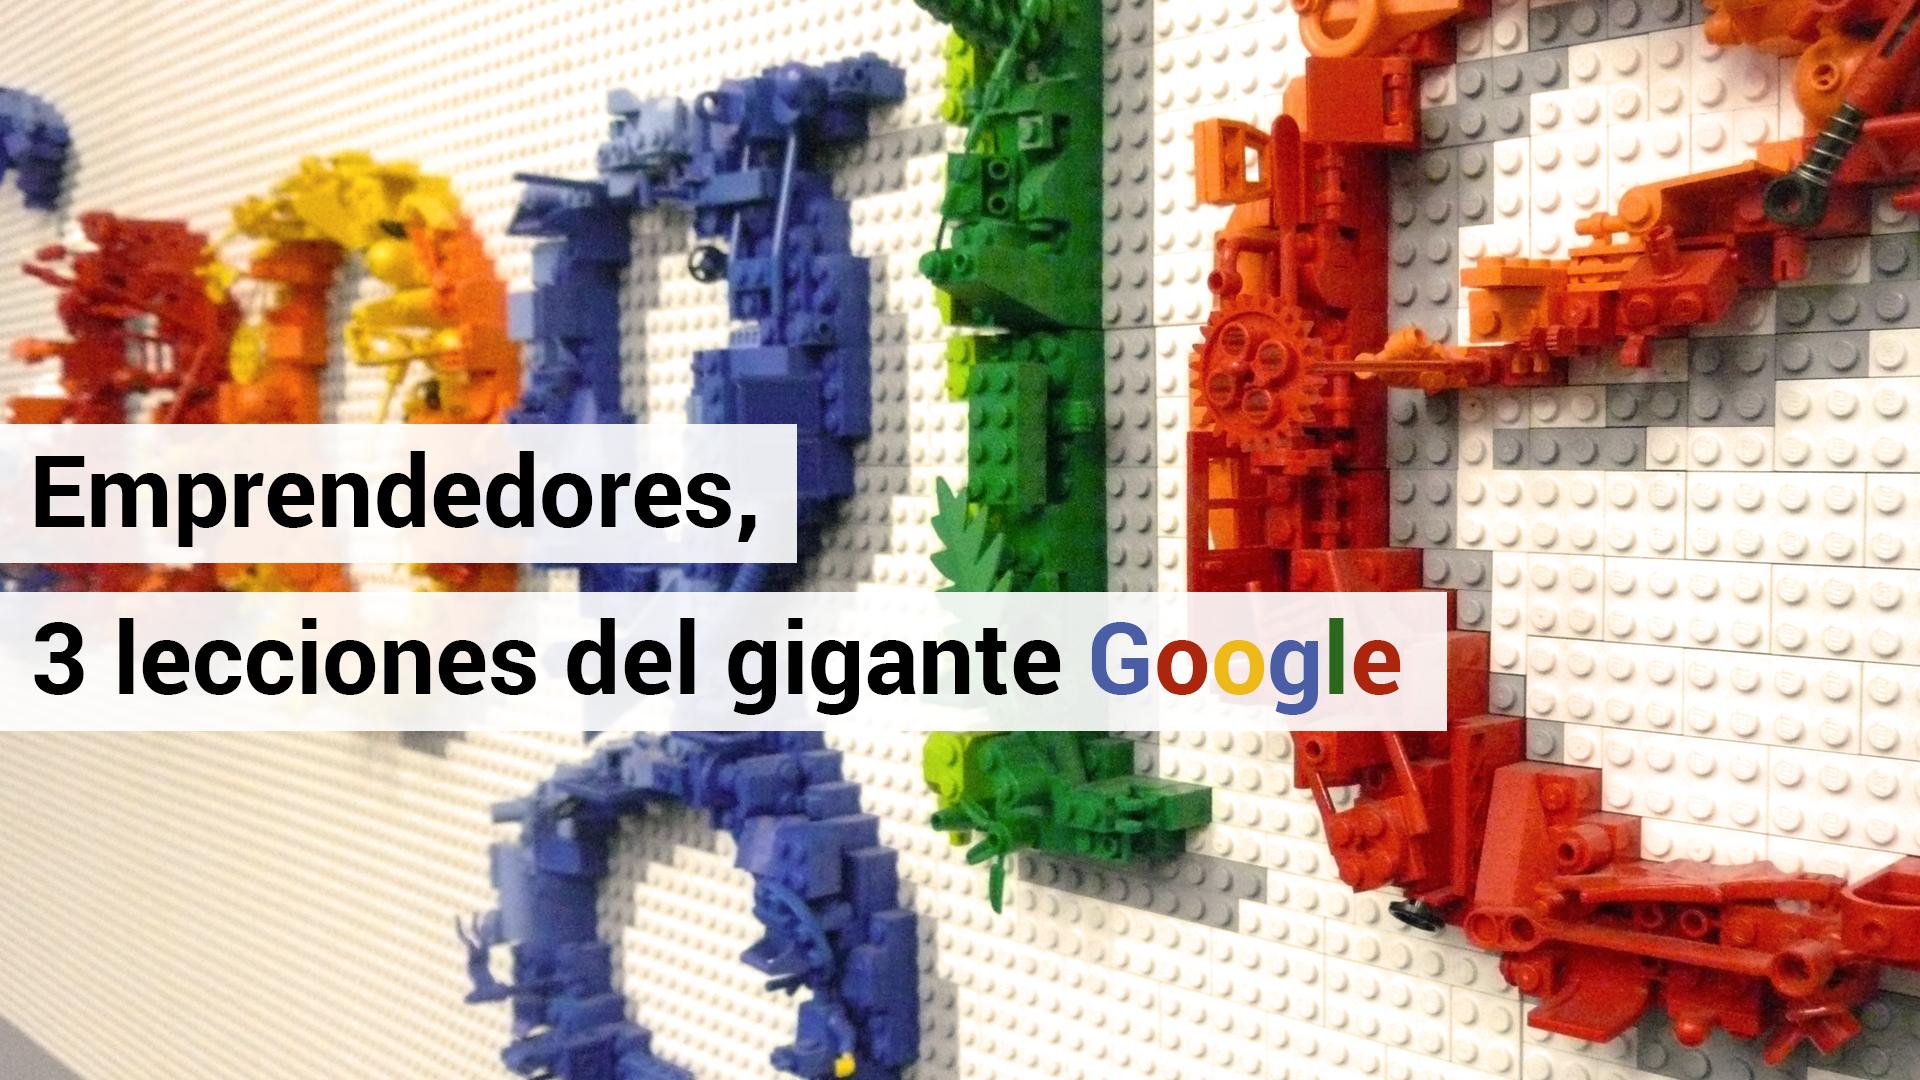 3 lecciones de Google para emprendedores